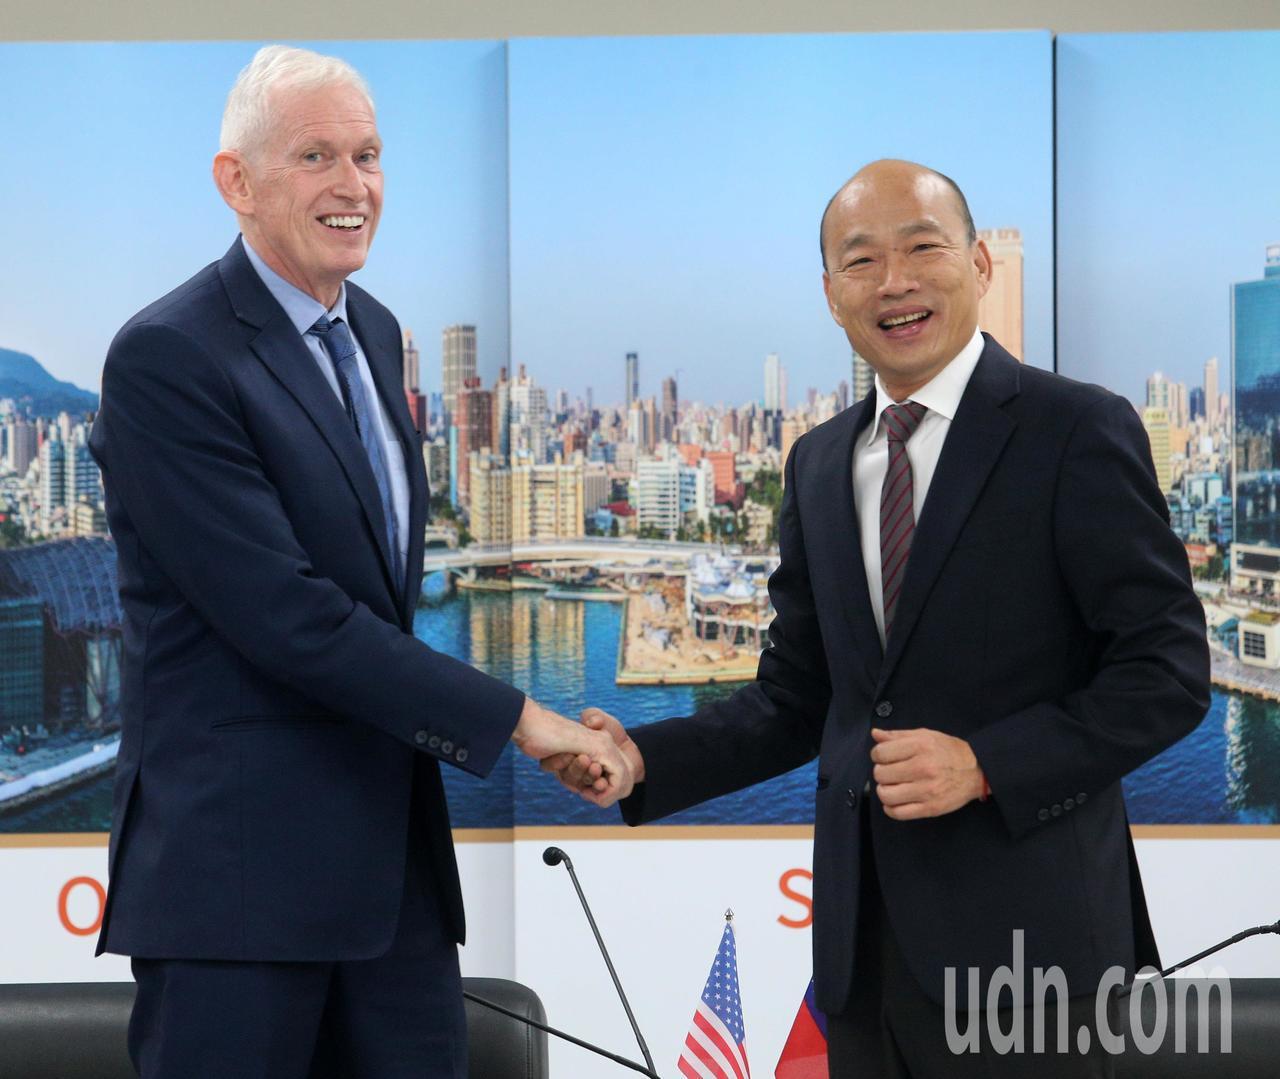 高雄市長韓國瑜(右)請假投入總統大選,今天為了與美國在台協會主席莫健(左)會面,...